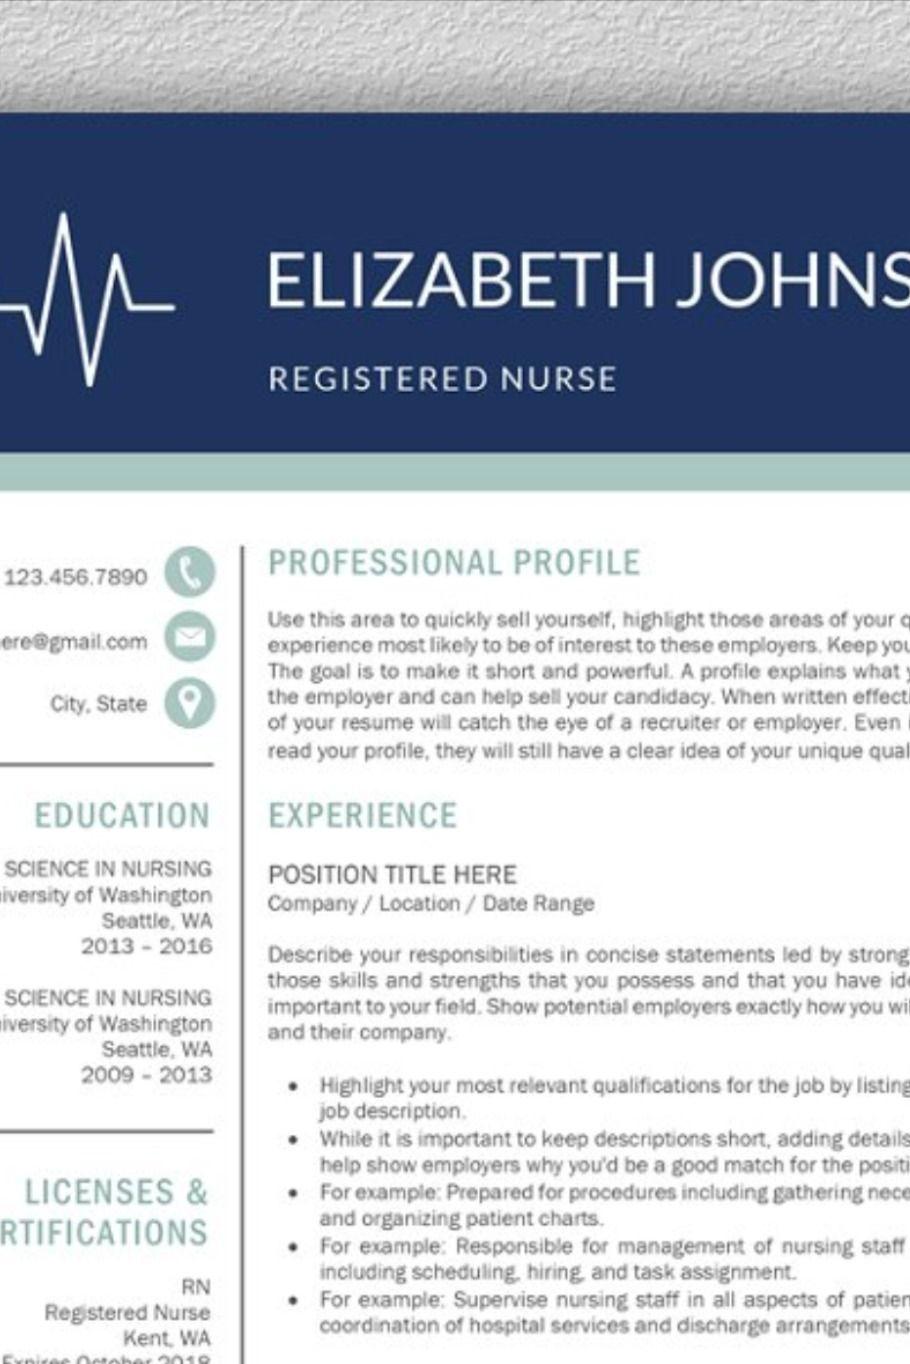 Nurse Resume Medical CV Template in 2020 Best resume